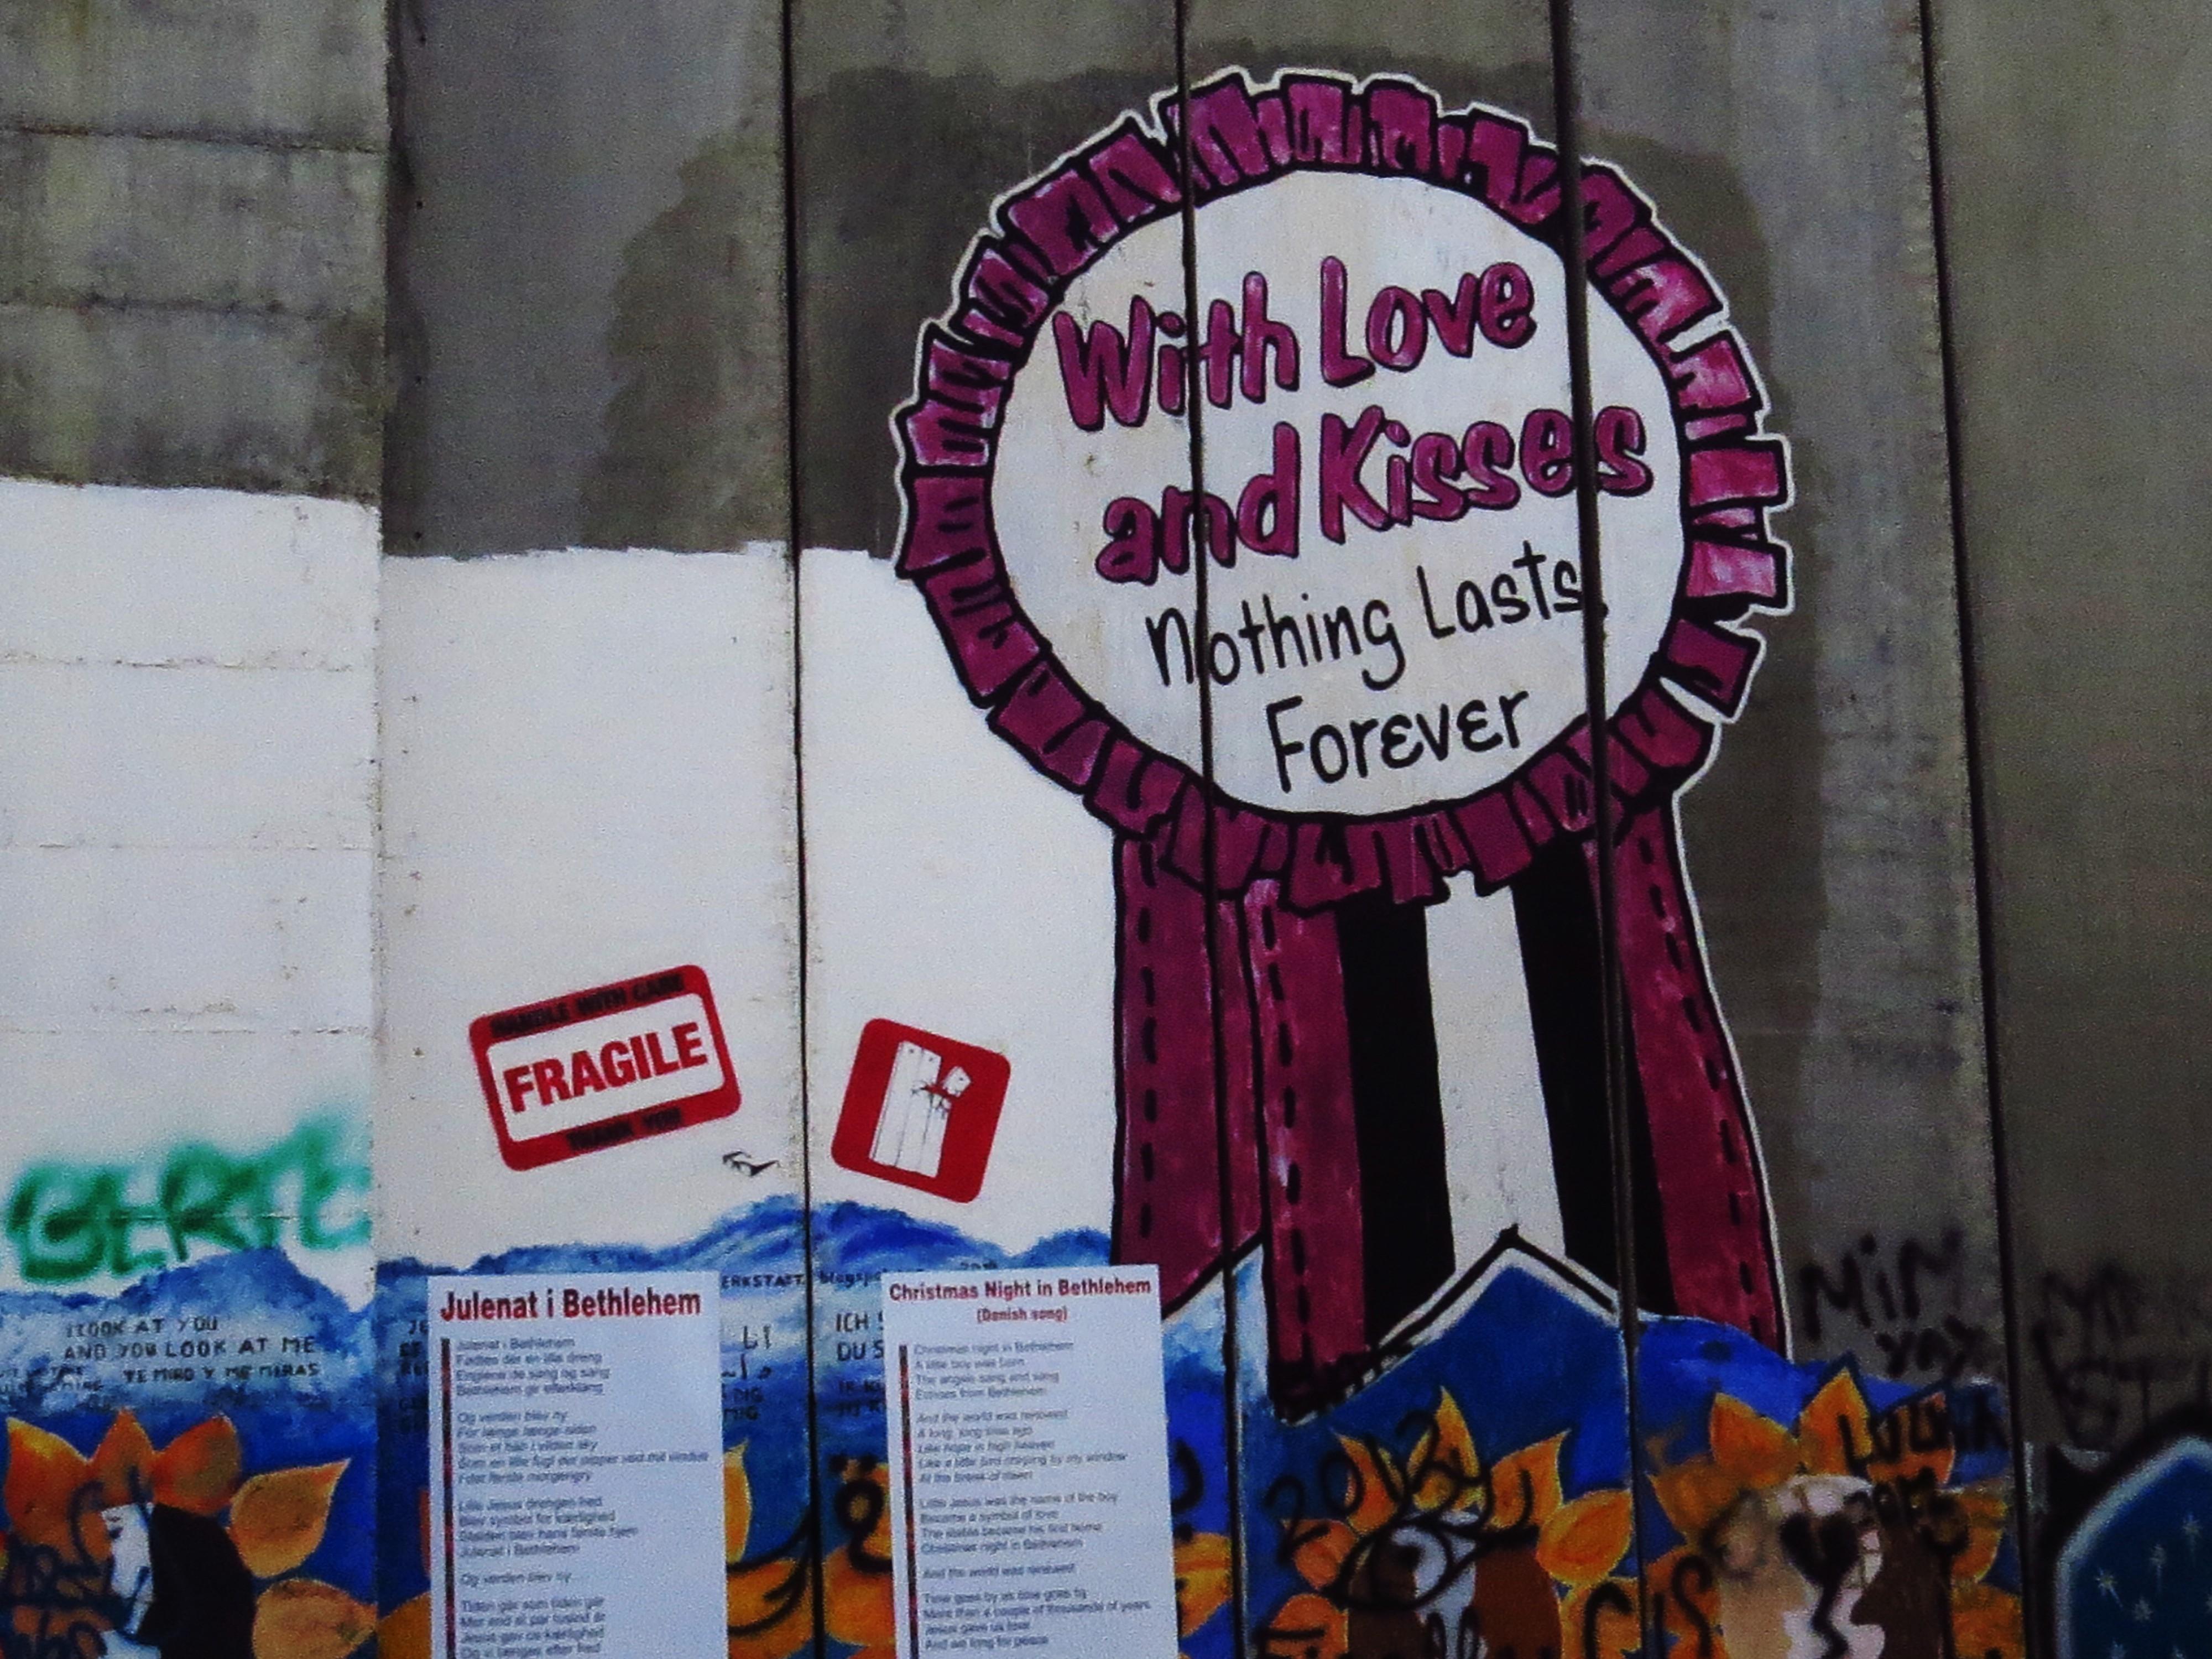 SEPARATION WALL GRAFFITI: FREE PALESTINE – TOKIDOKI (NOMAD)